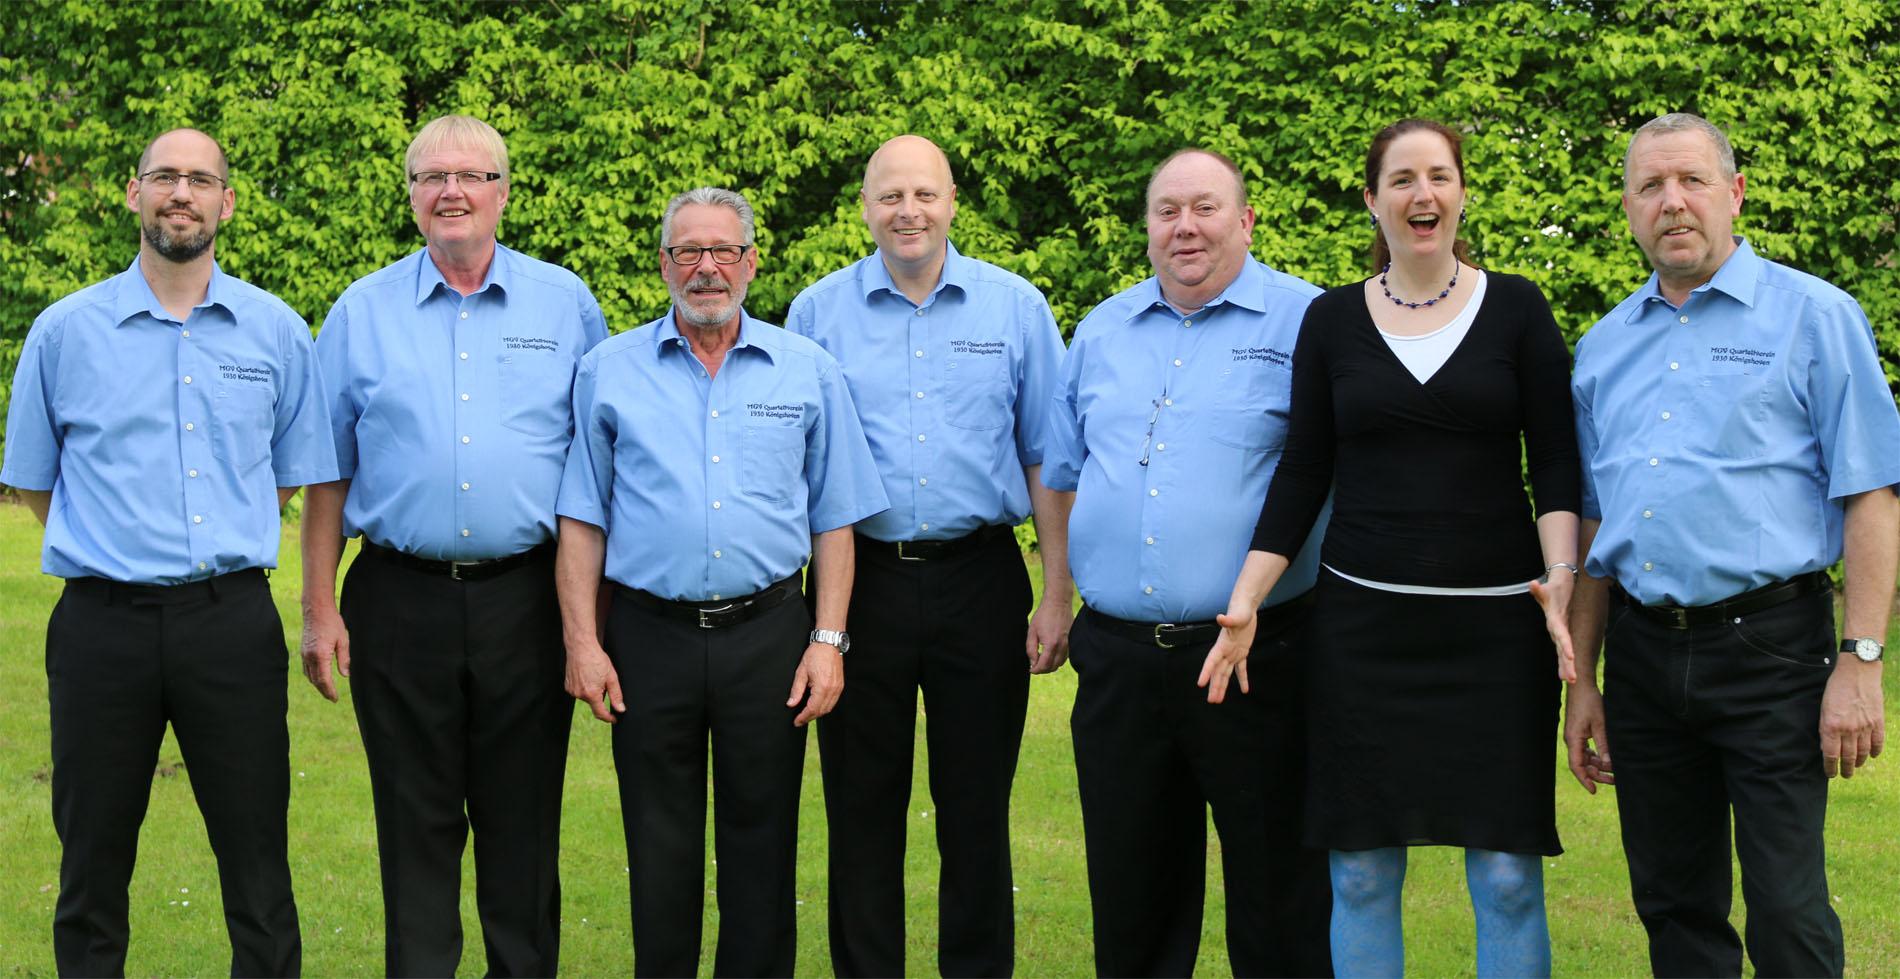 Management-Team 2017: (v.l.n.r.) Björn Hackbarth (stellvertr. Vorsitzender), Hans Erdmann (Kassierer), Theo van Peij (stellvertr. Kassierer), Manfred Speuser (Vorsitzender), Thomas Pauls (Geschäftsführer), Daniela Bosenius (Chorleiterin) und Wolfgang Schmitz (Noten-Manager)